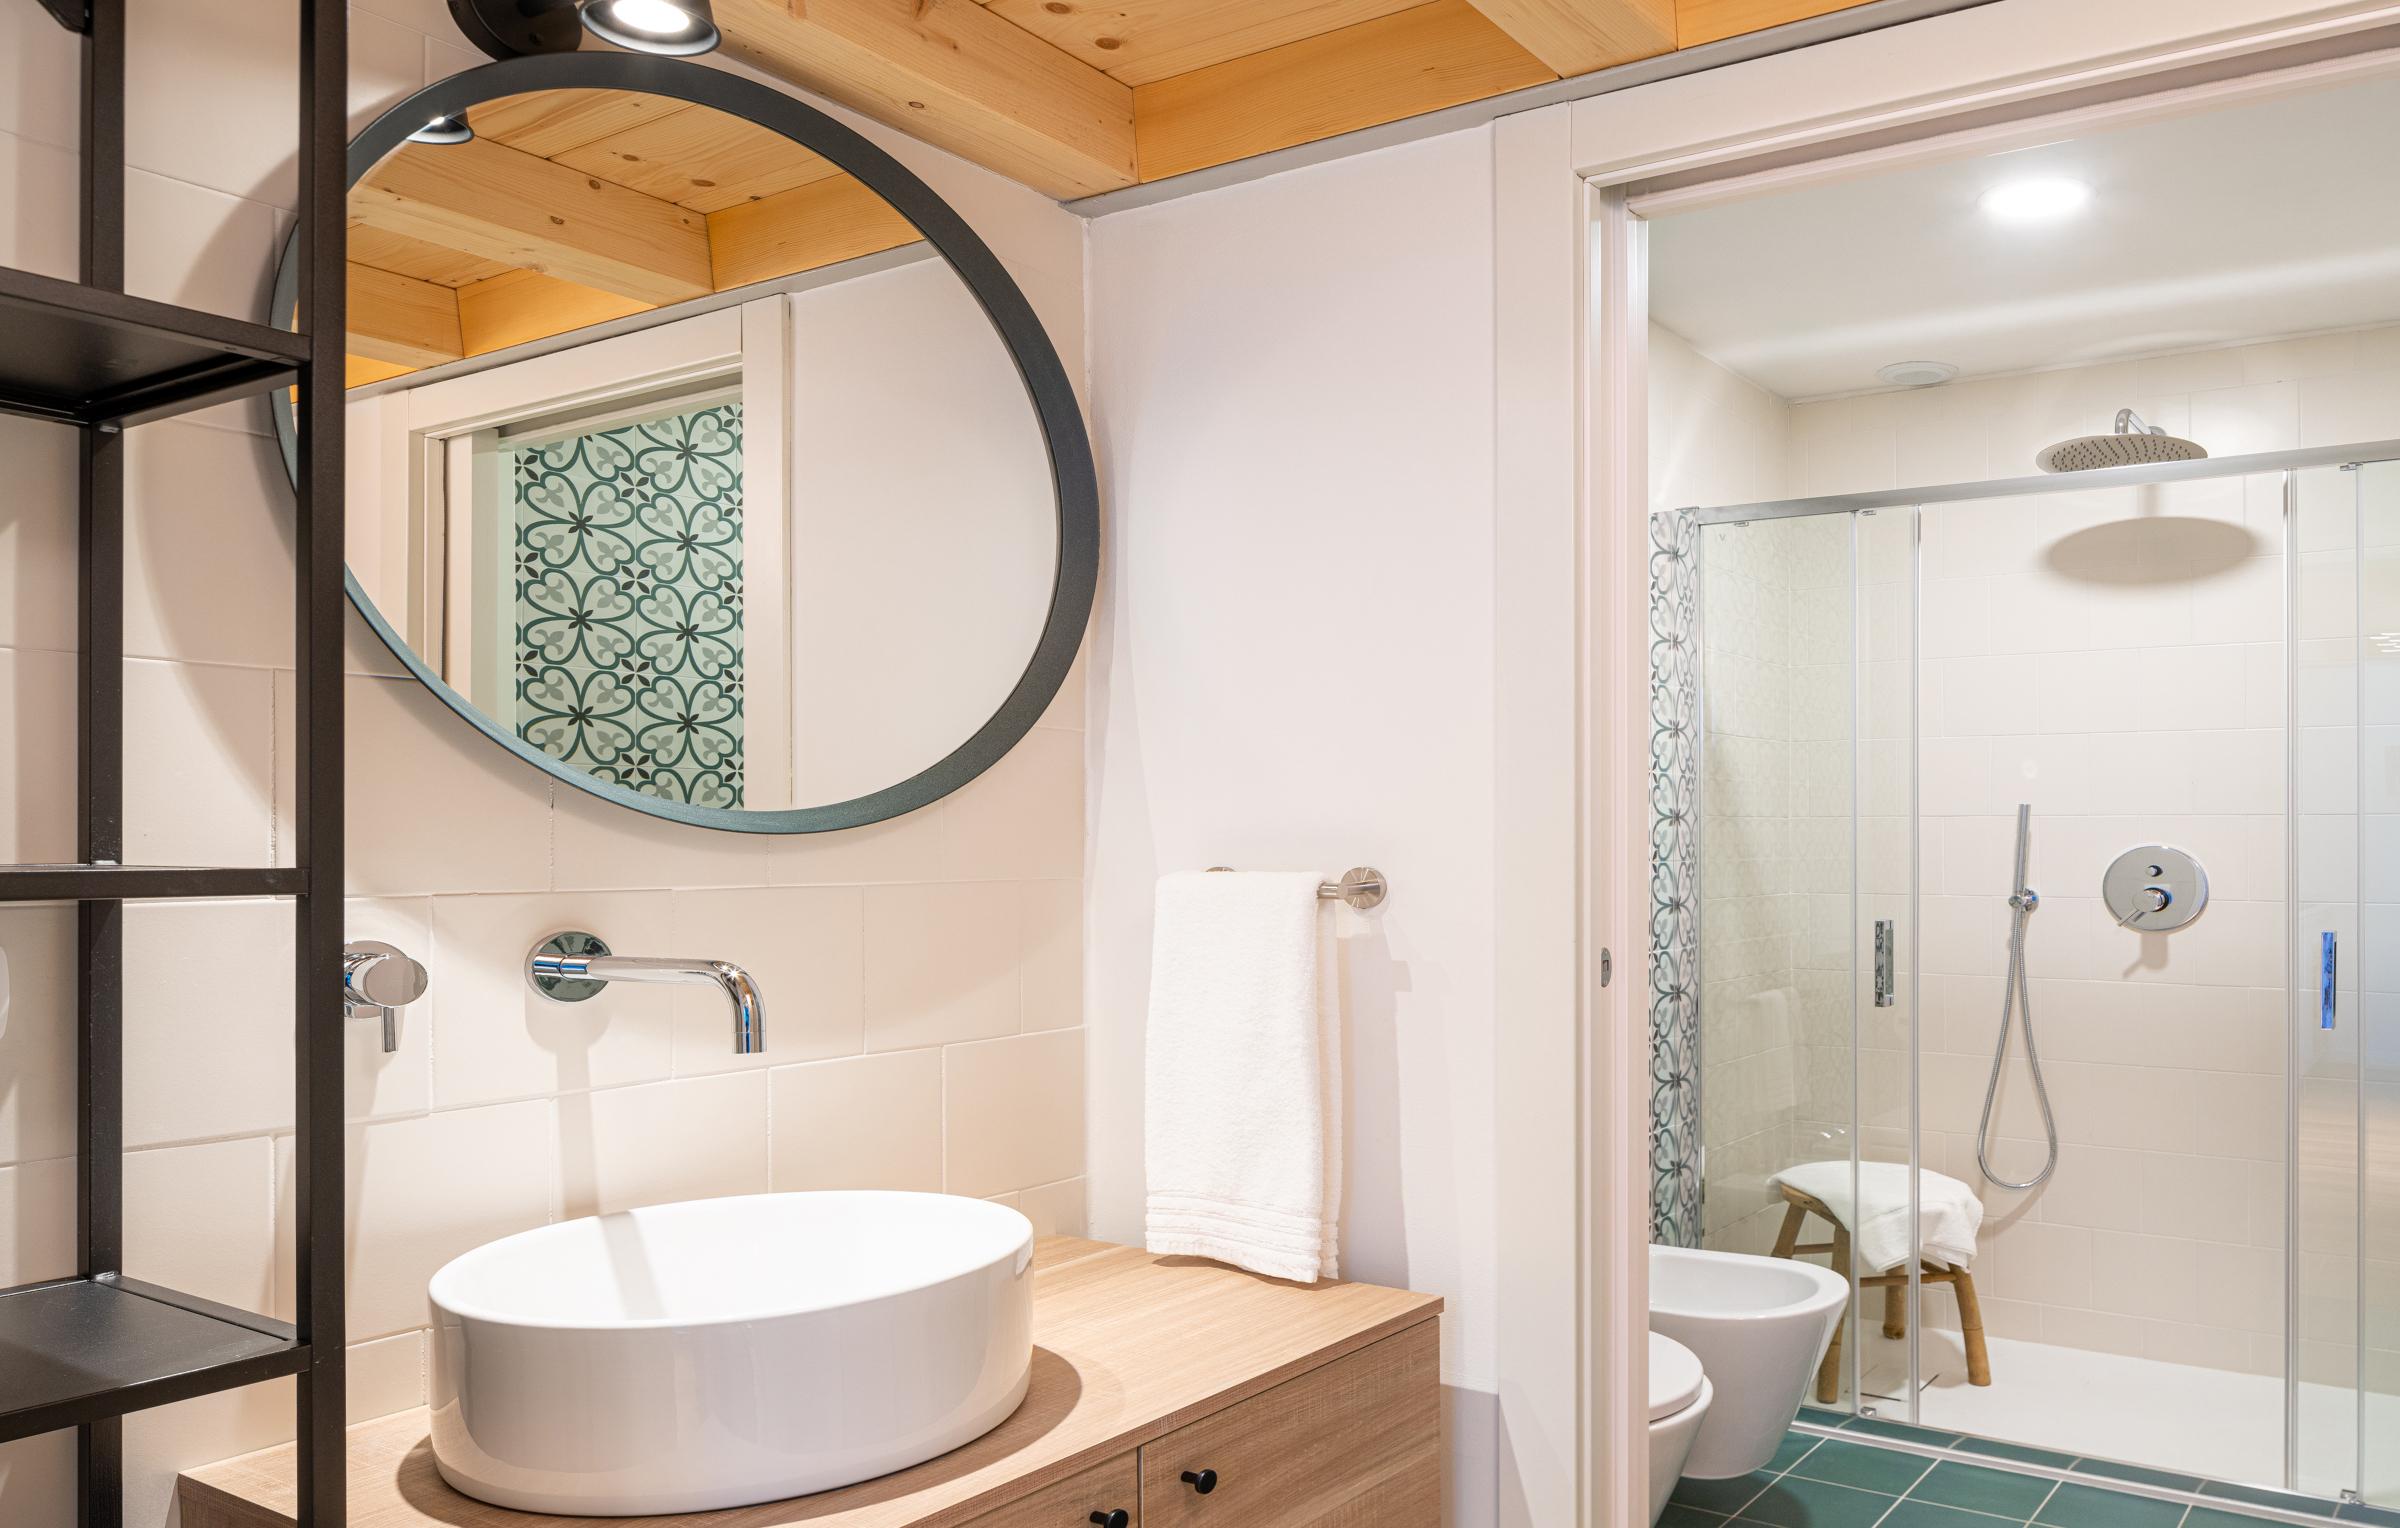 ll bagno degli appartamenti di Residenza Dergano a Milano ha una grande doccia